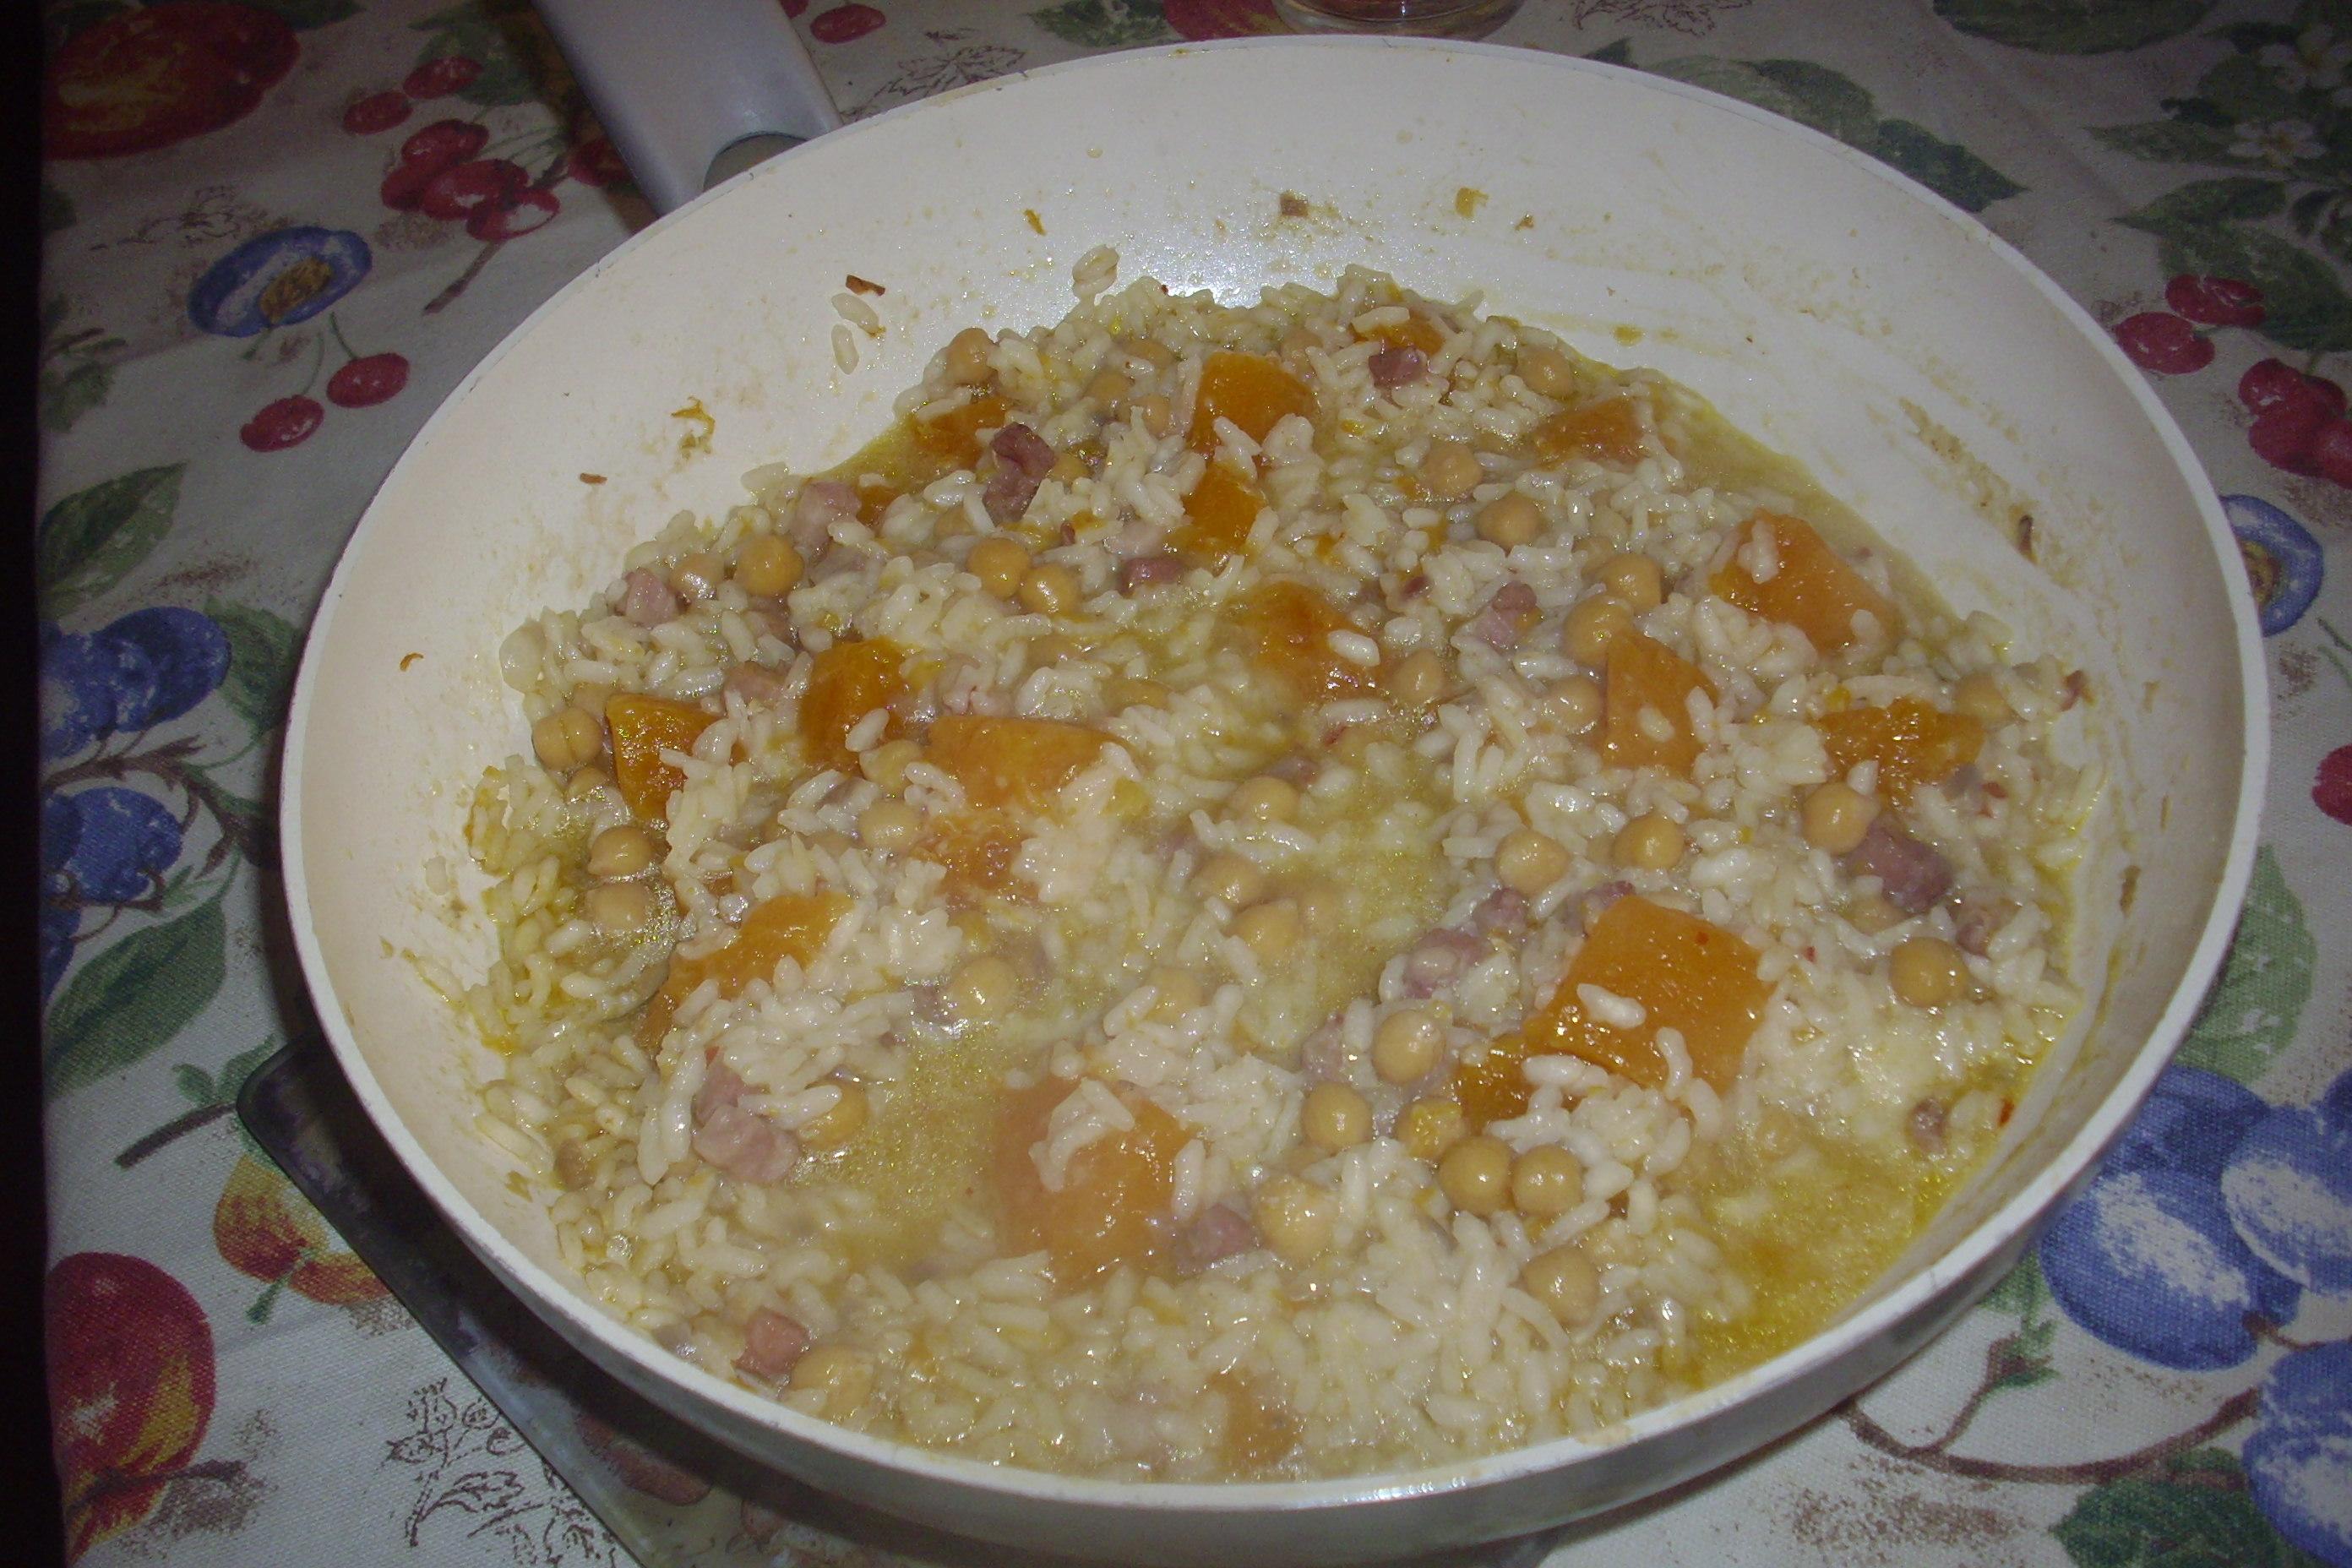 risotto-ceci-e-zucca-003-2.JPG